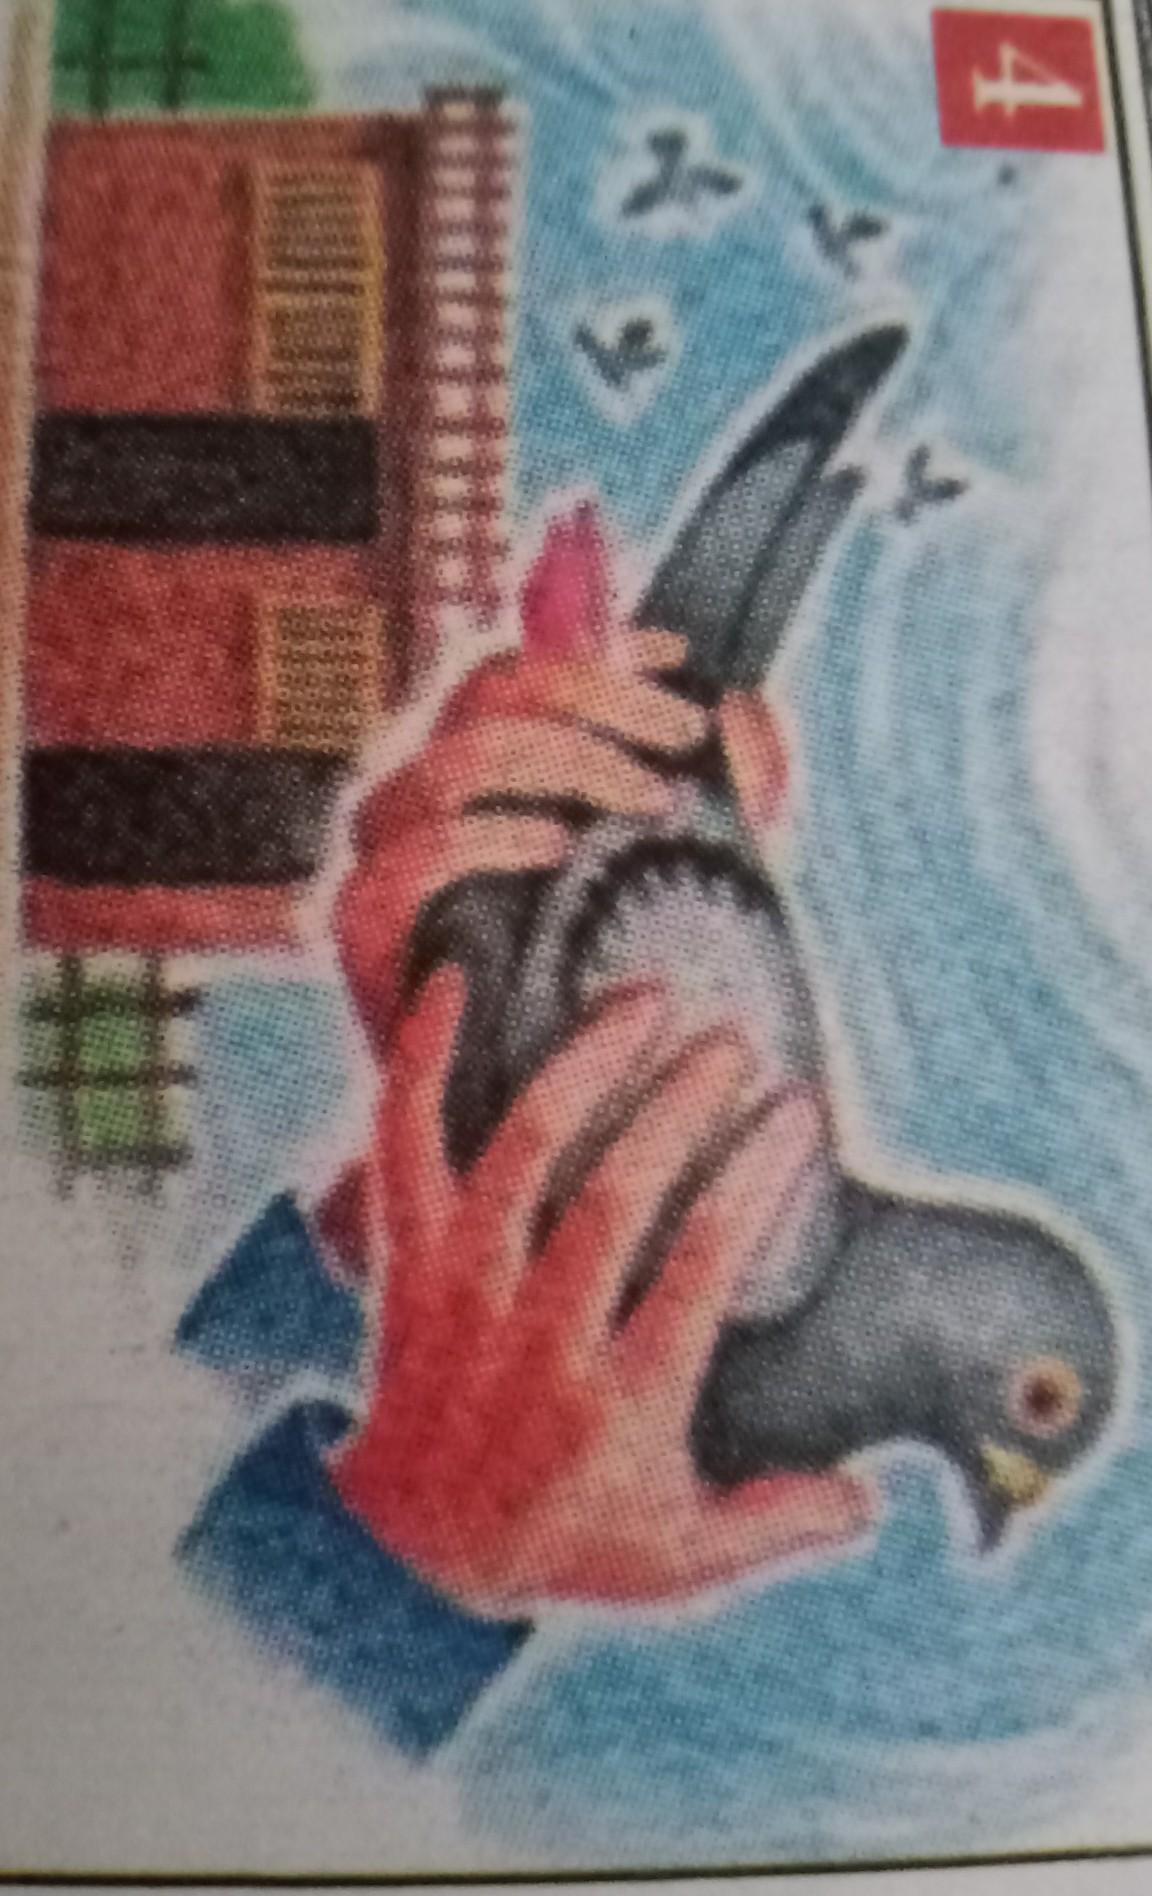 Ilustrasi Karya Sastra : ilustrasi, karya, sastra, Gambar, Termasuk, Komikb., Ilustrasi, Karya, Sastrac., Vignette, Kartune., Karikatur, Brainly.co.id